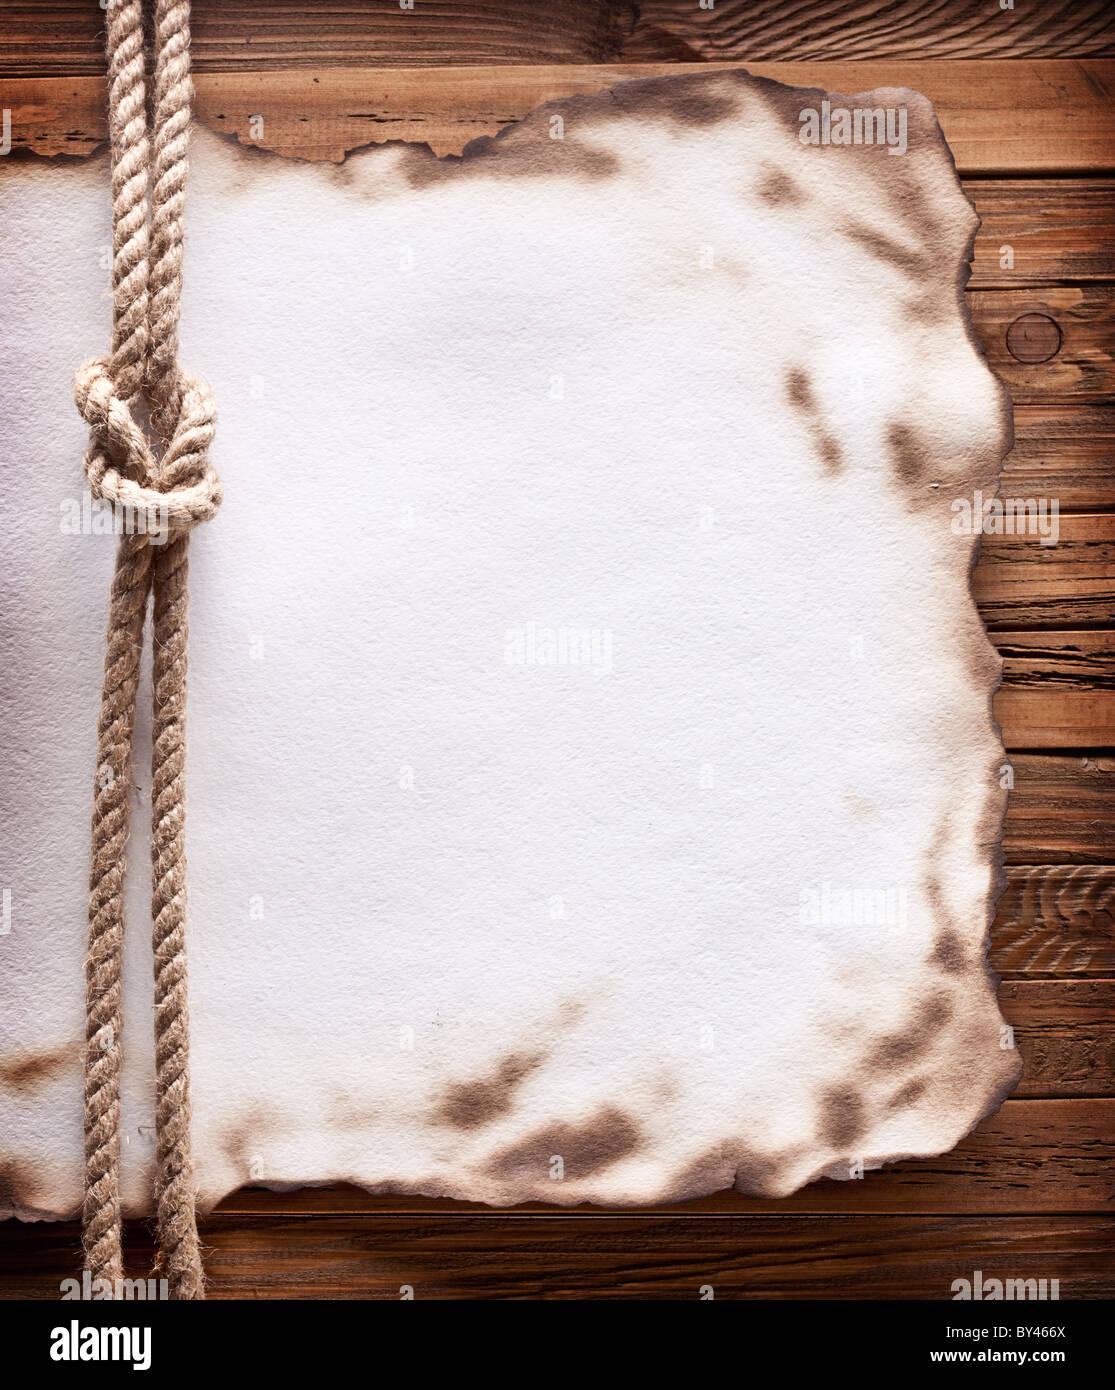 Image de vieux papier sur fond de bois. Photo Stock